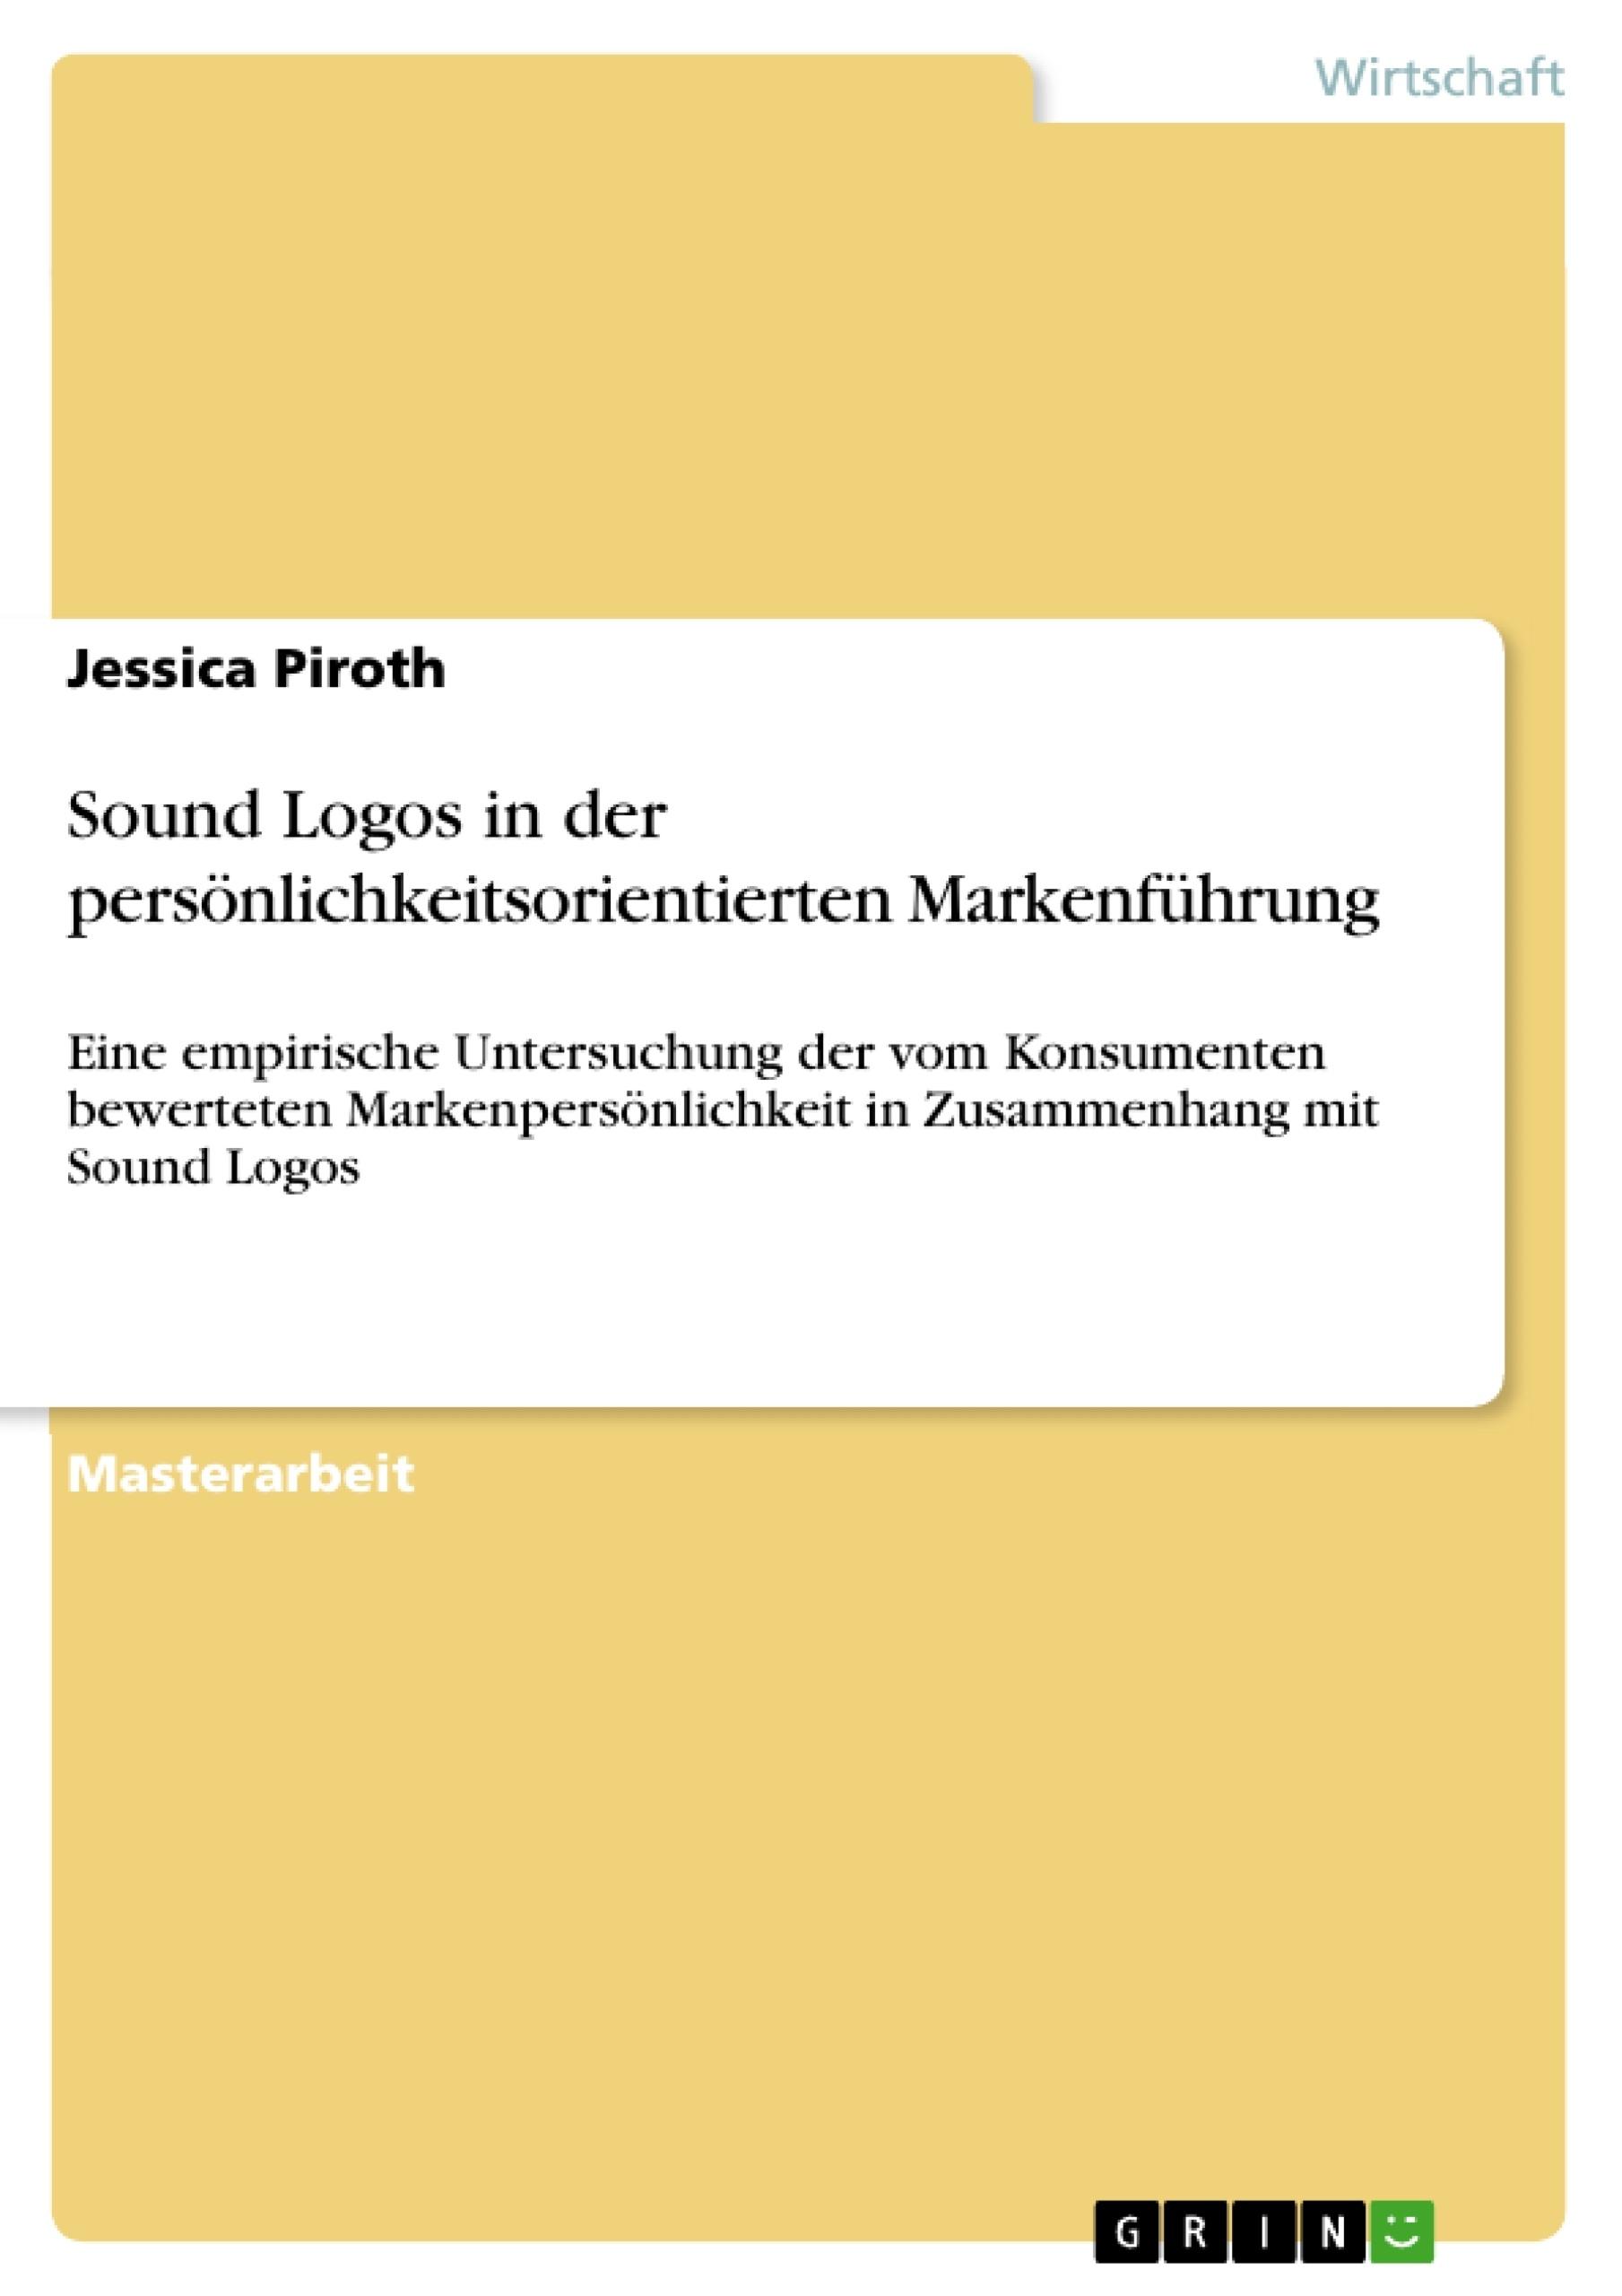 Titel: Sound Logos in der persönlichkeitsorientierten Markenführung